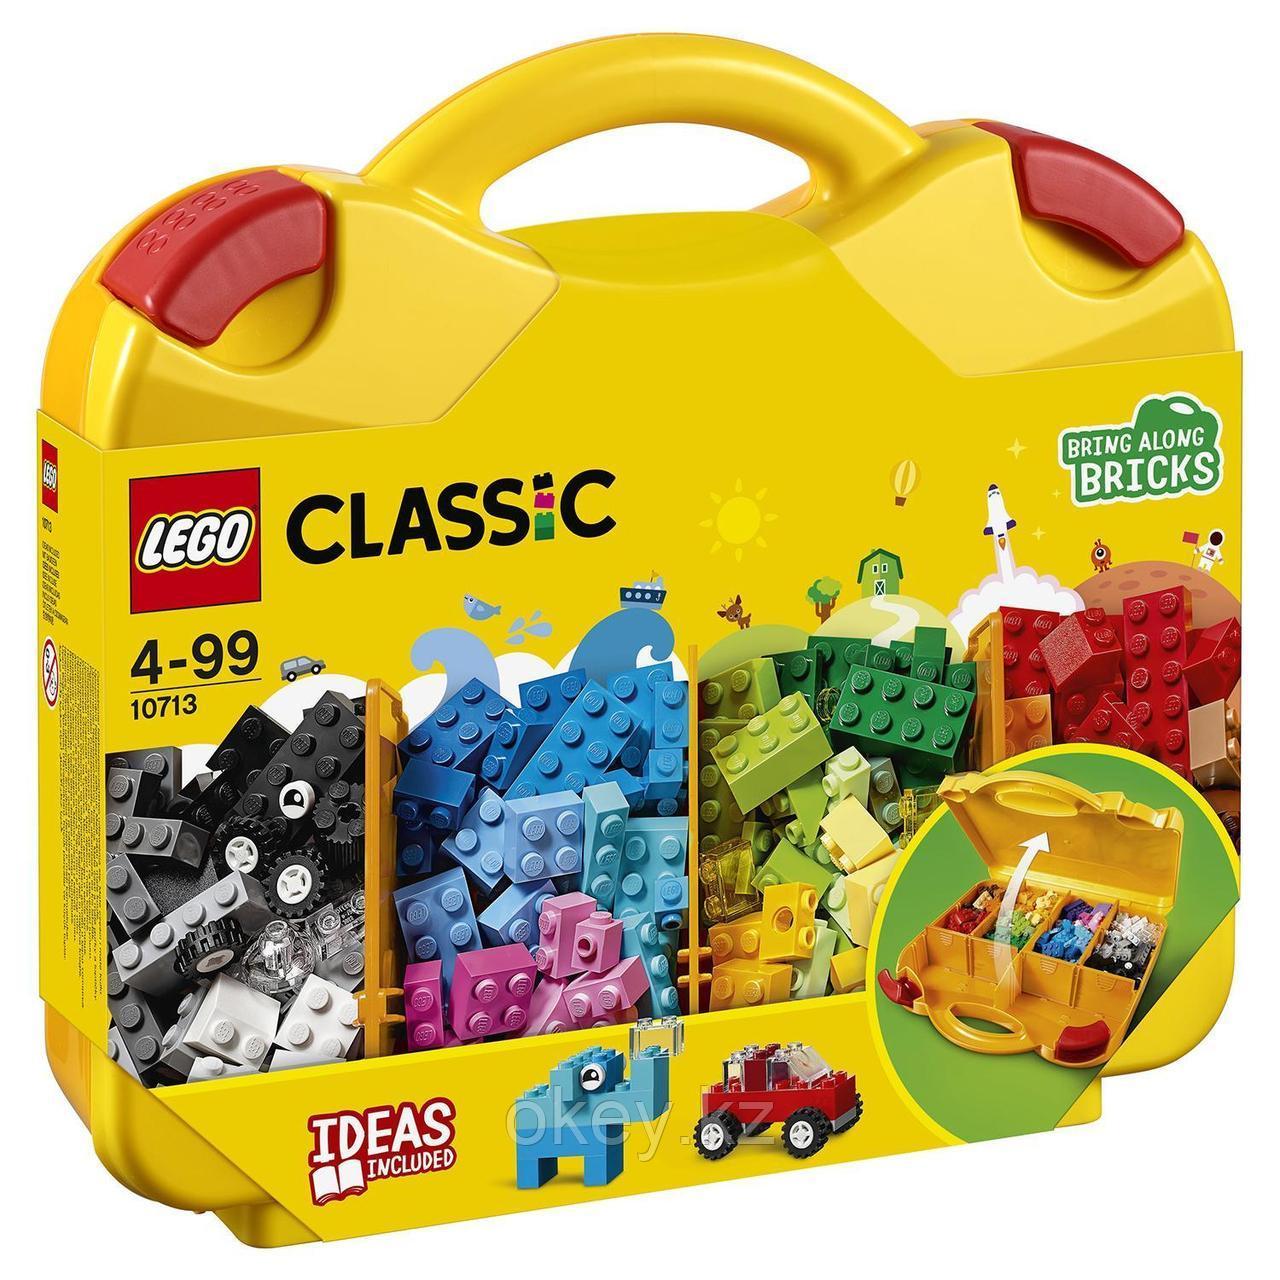 LEGO Classic: Чемоданчик для творчества и конструирования 10713